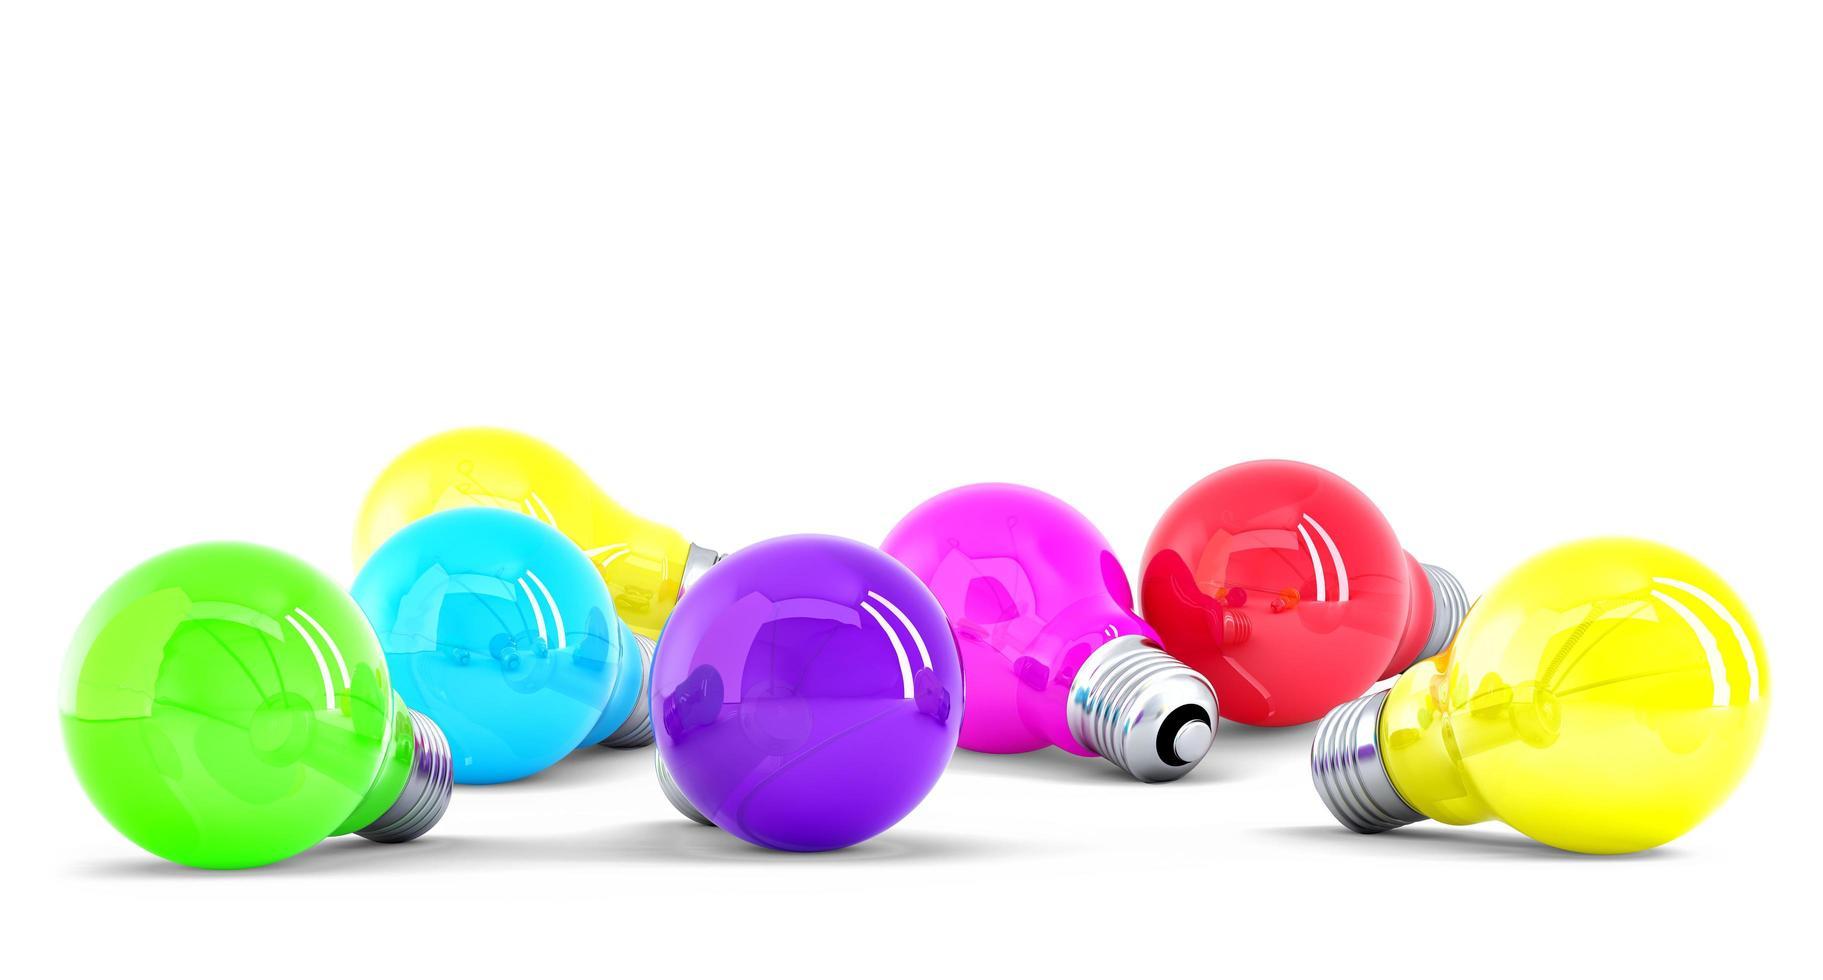 bunte Glühbirnen lokalisiert auf weißem Hintergrund foto